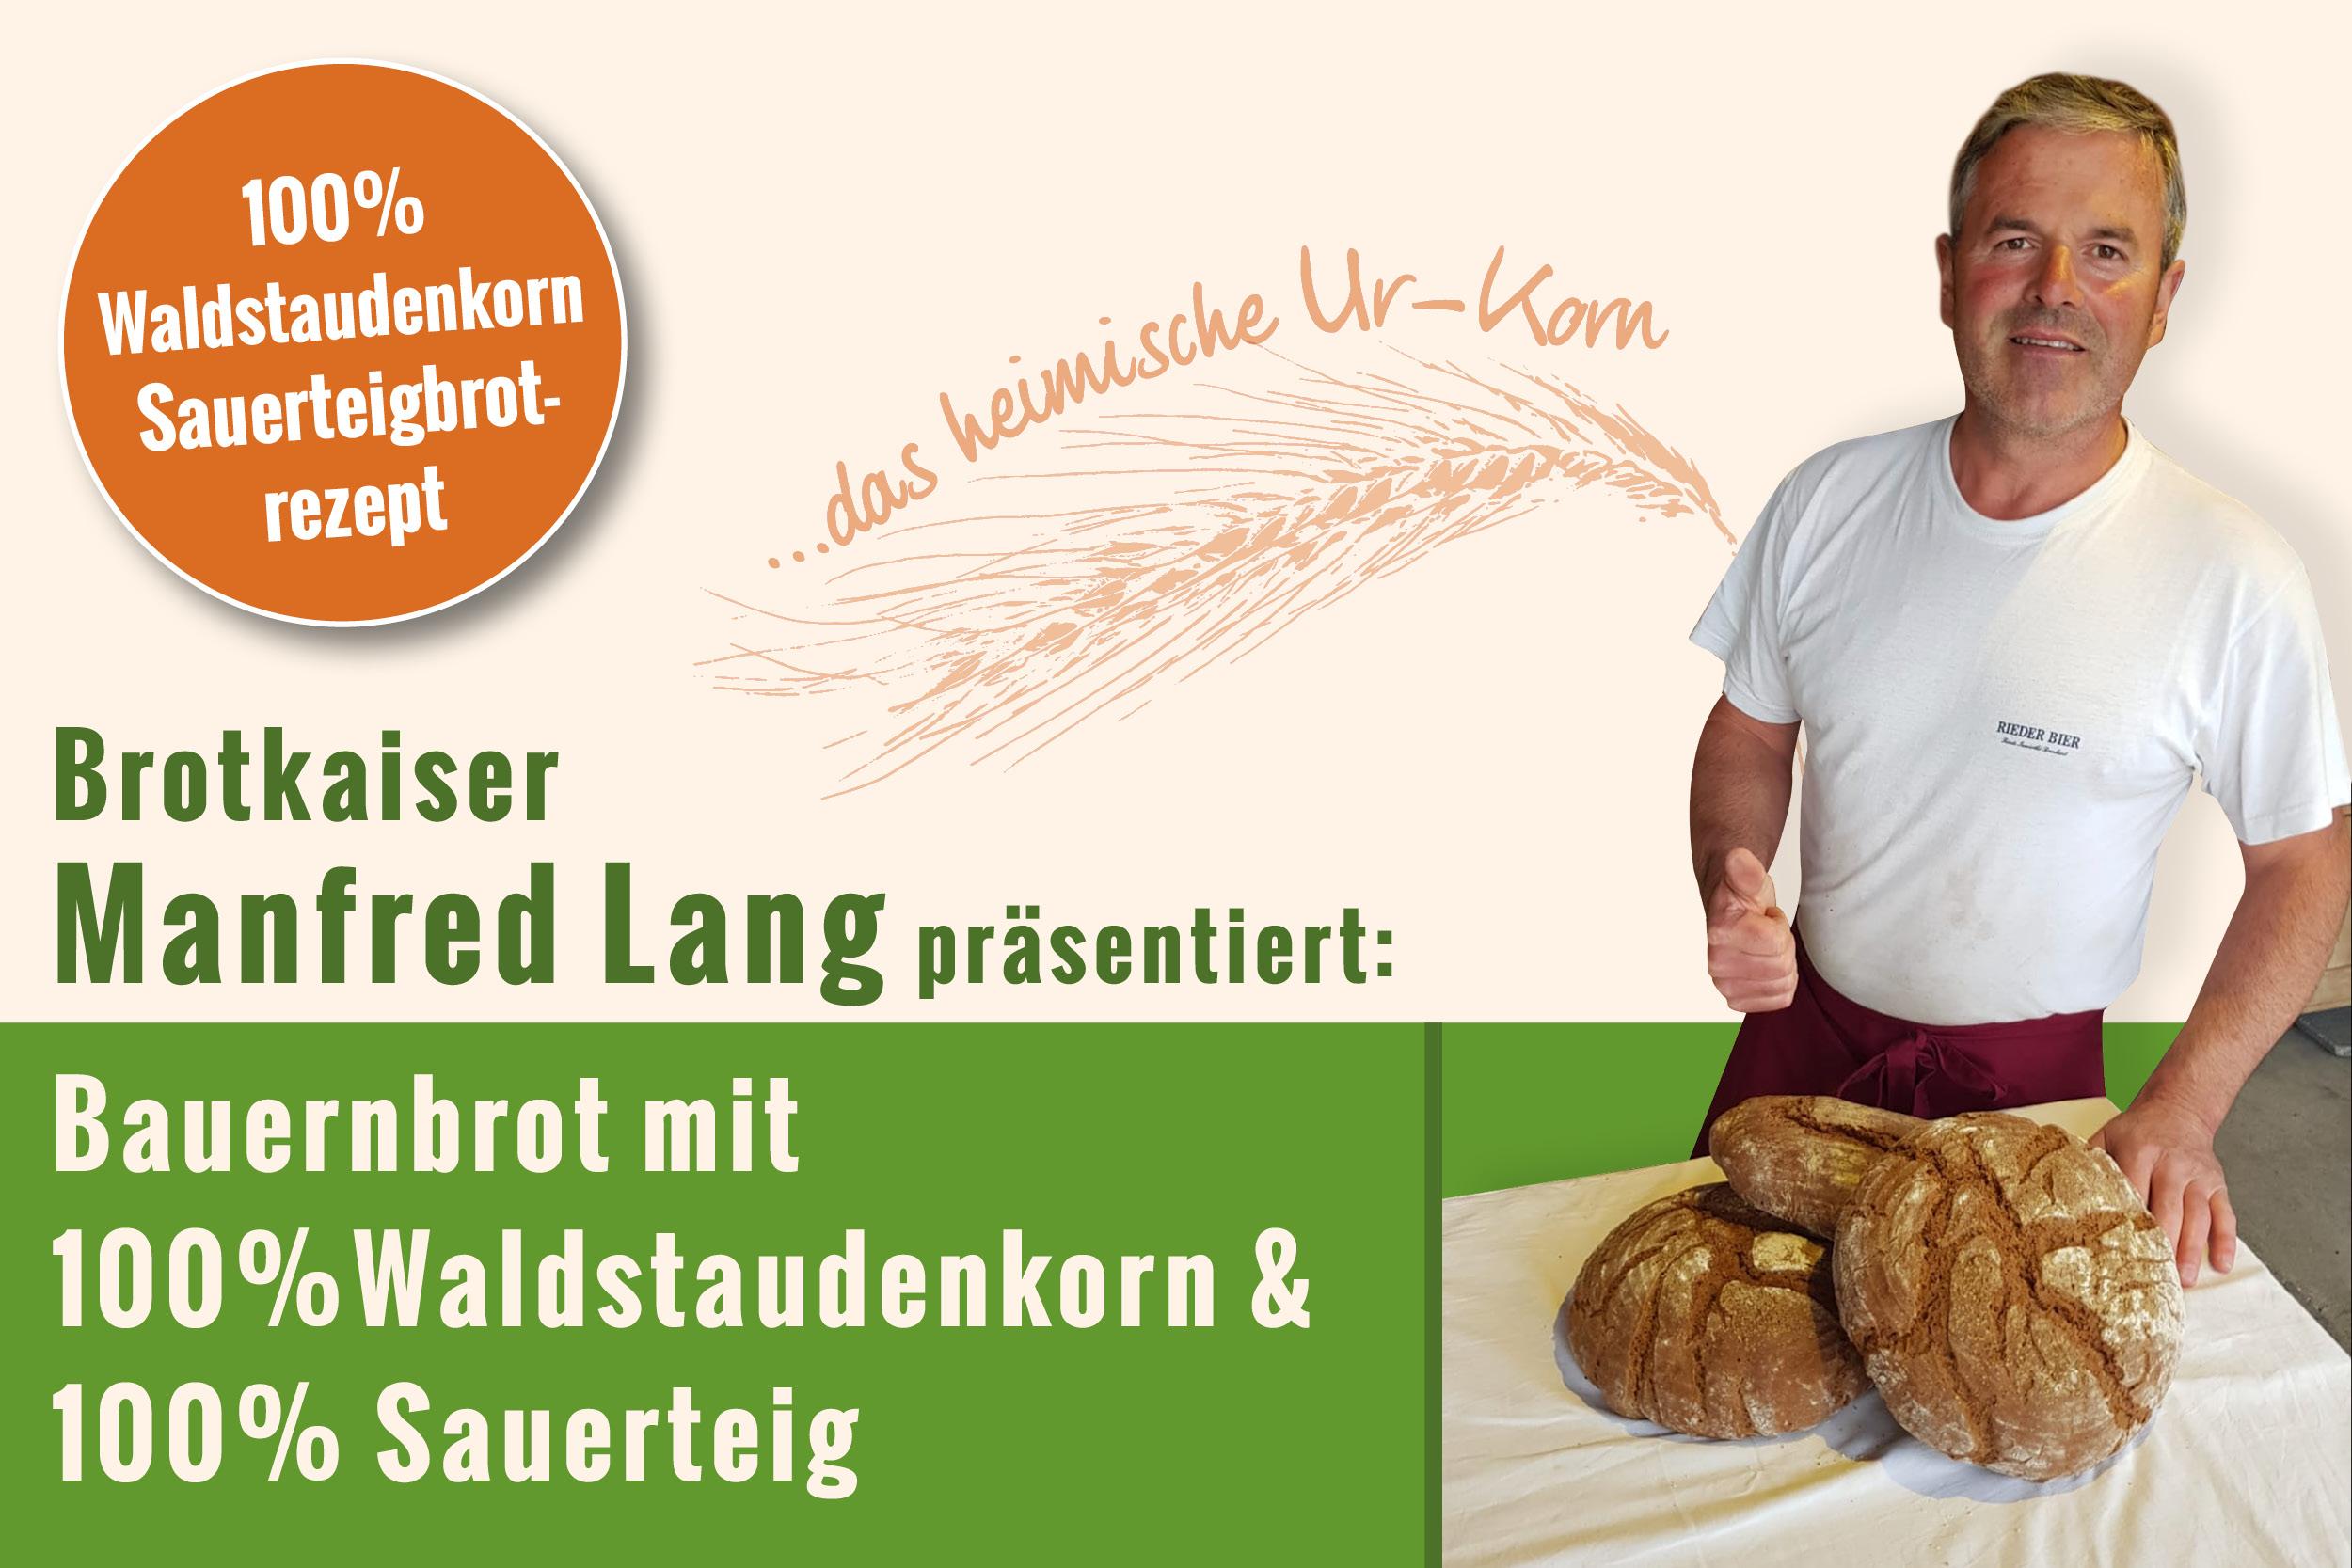 Brotkaiser Franz Lang aus Eberschwang präsentiert das Rezept zum 100% Waldstaudenkorn-Sauerteigbrot.